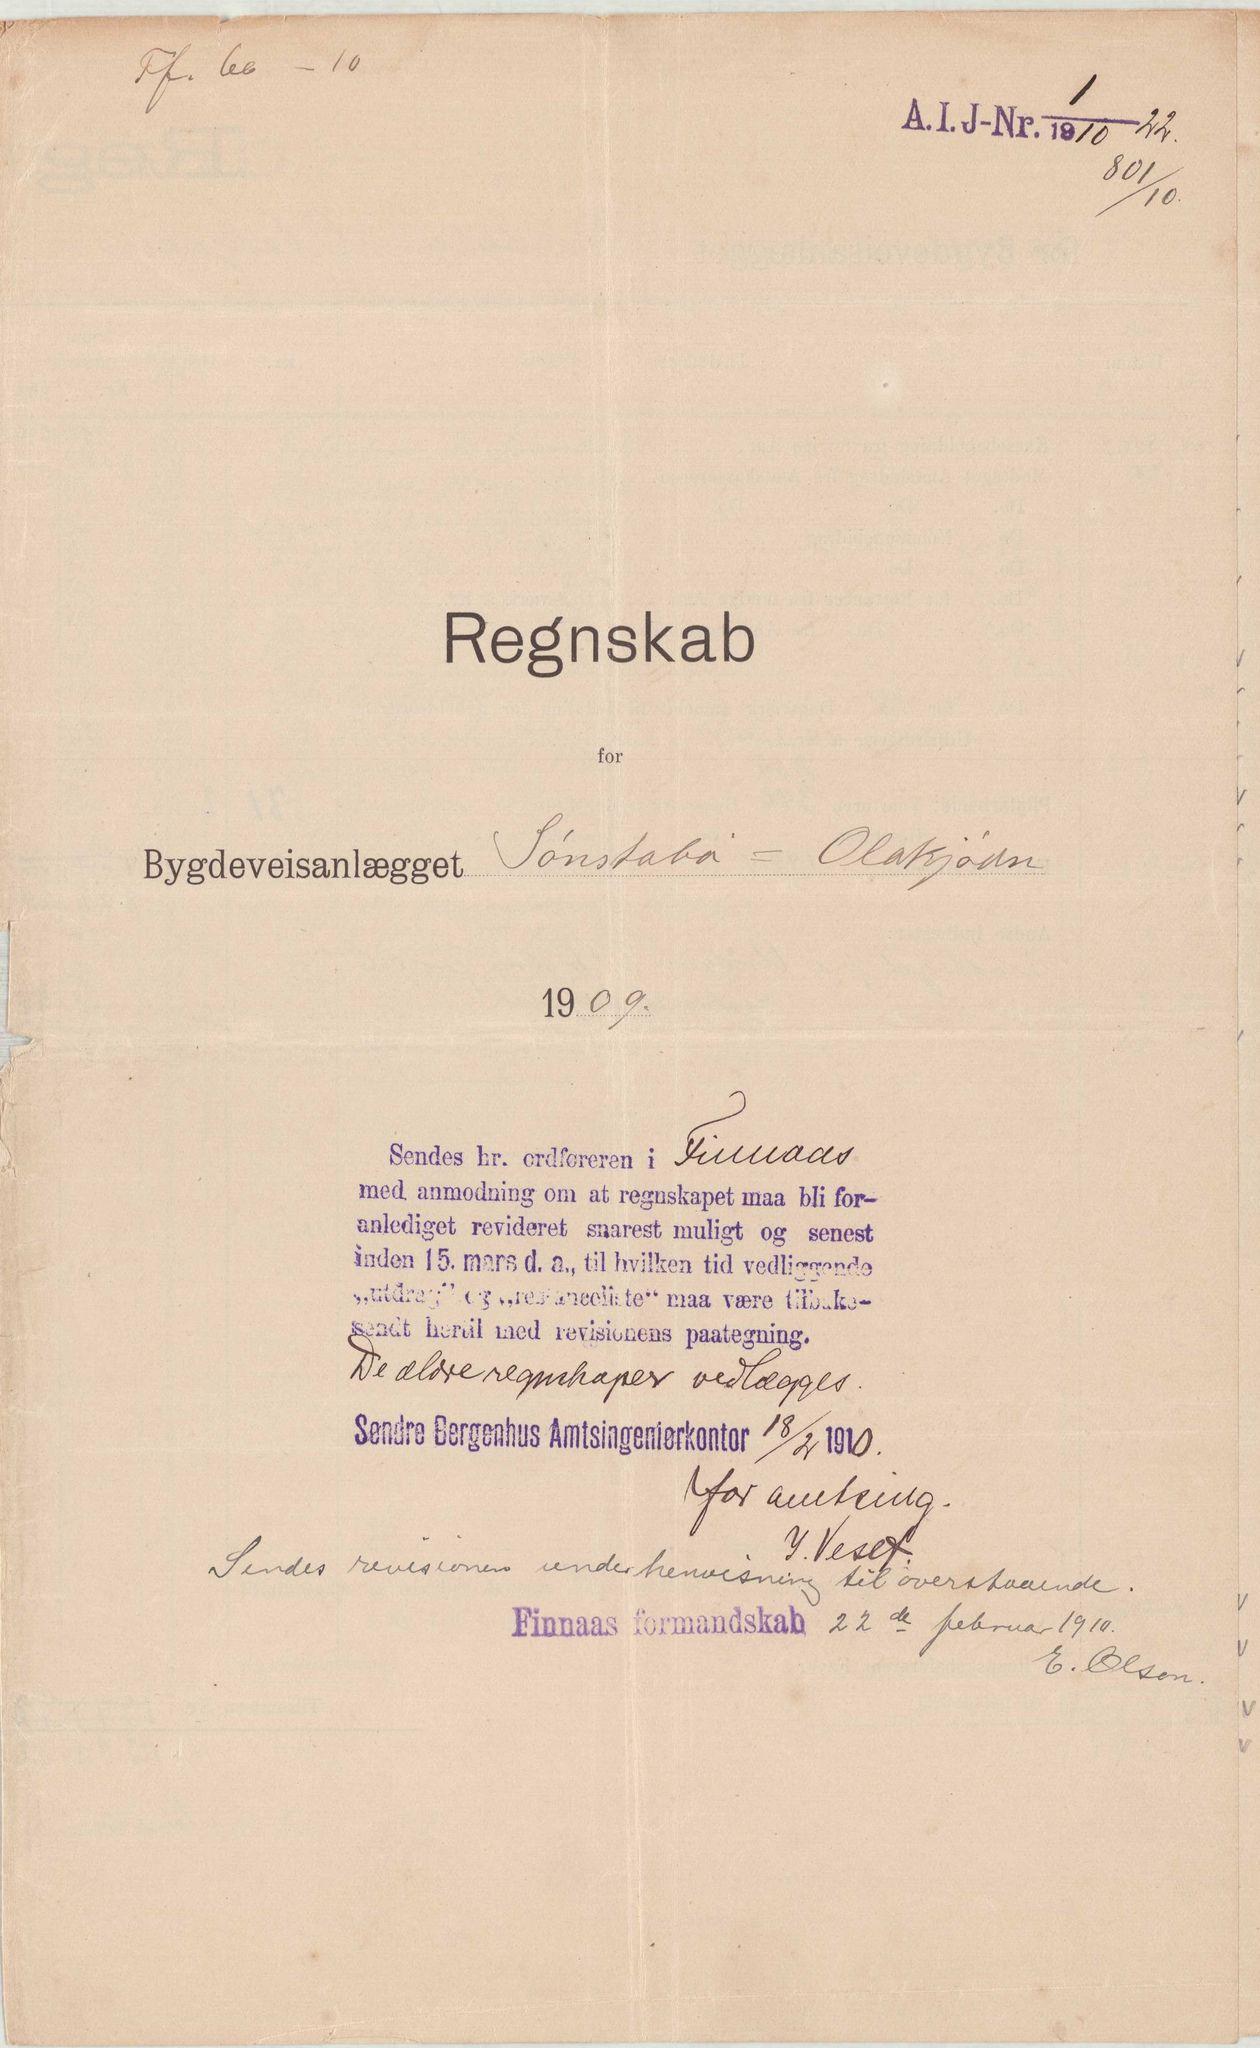 IKAH, Finnaas kommune. Formannskapet, E/Ea/L0001: Rekneskap for veganlegg, 1909-1914, p. 1